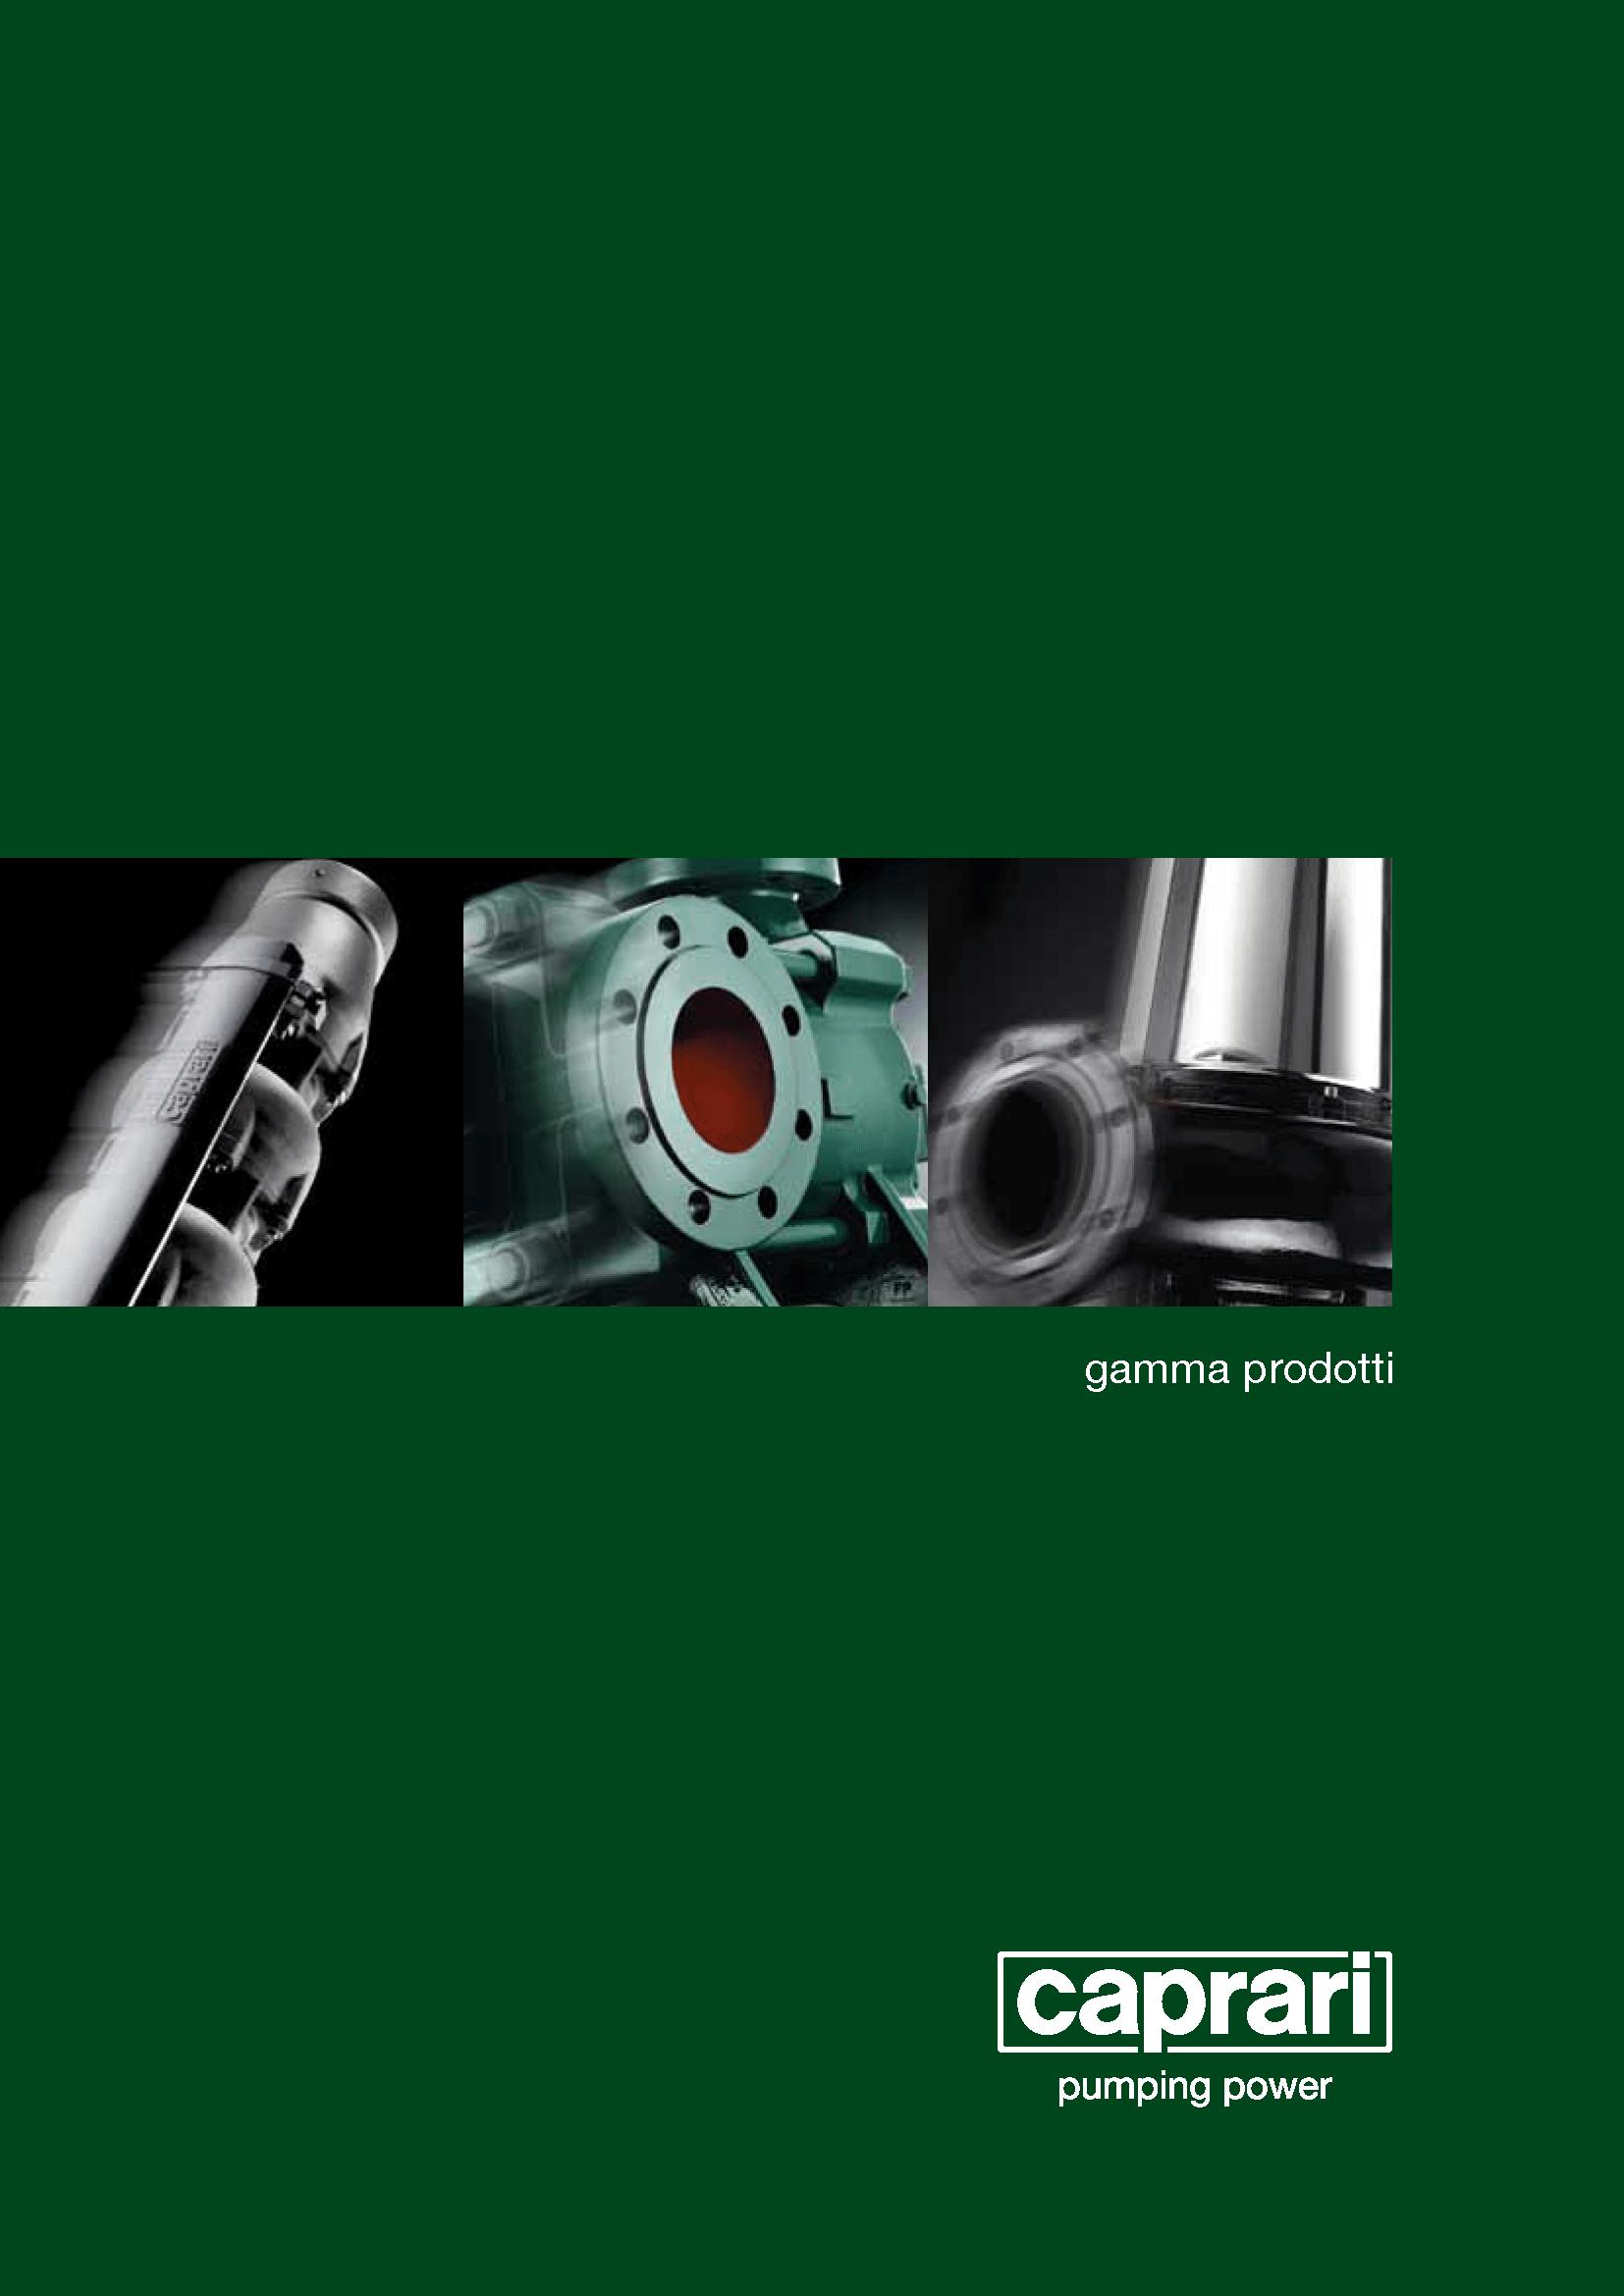 caprari-pompe-catalogo-2016_Pagina_01